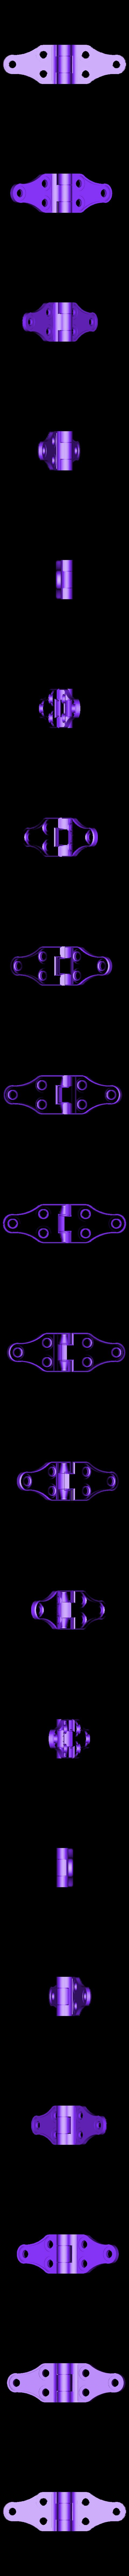 Hinge.stl Download free STL file Hinges • 3D printer design, printingotb